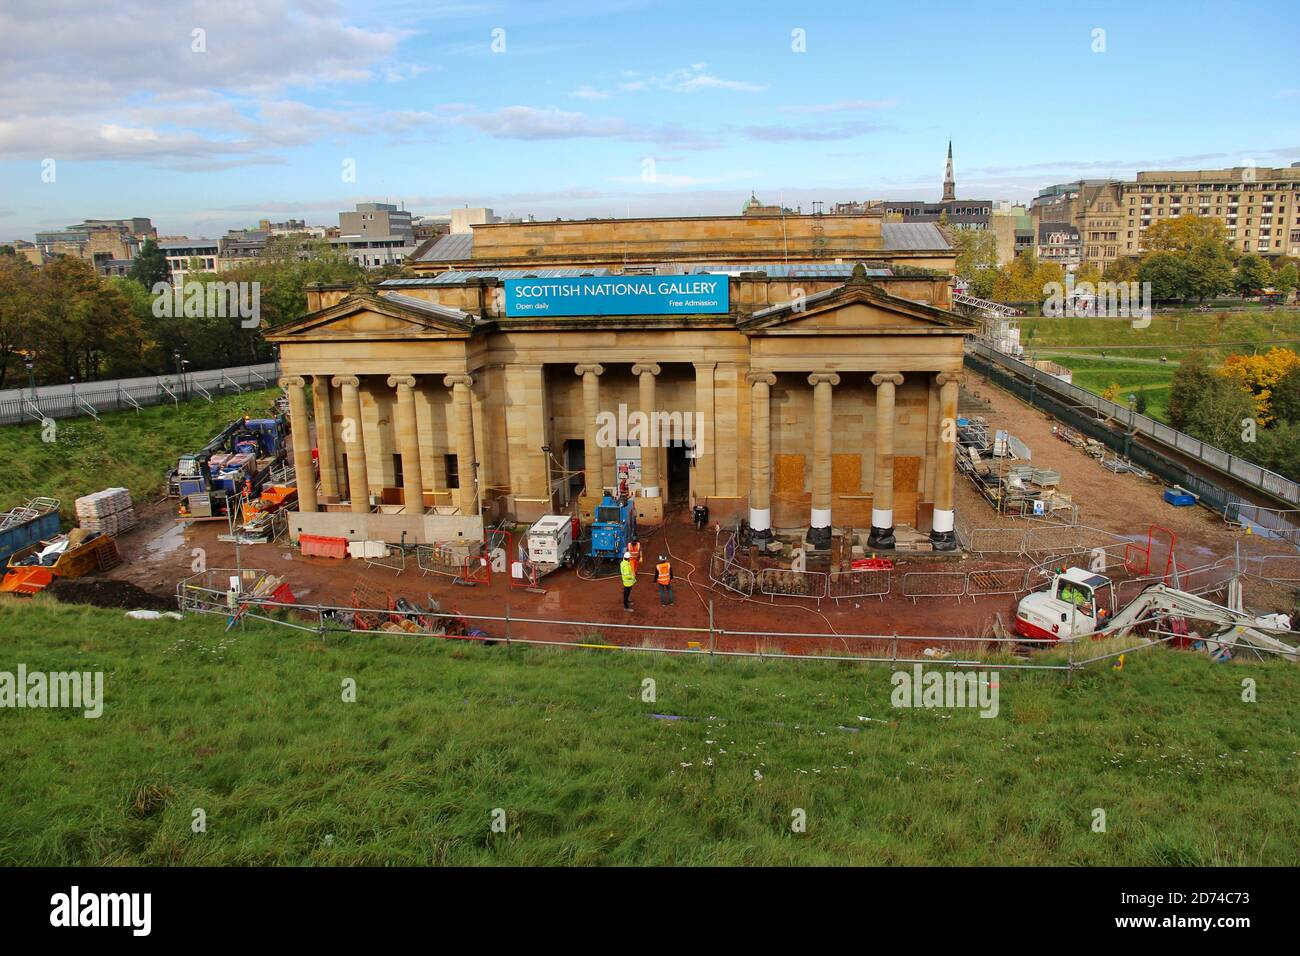 Se están llevando a cabo obras de renovación fuera de la Galería Nacional Escocesa En Edimburgo Foto de stock